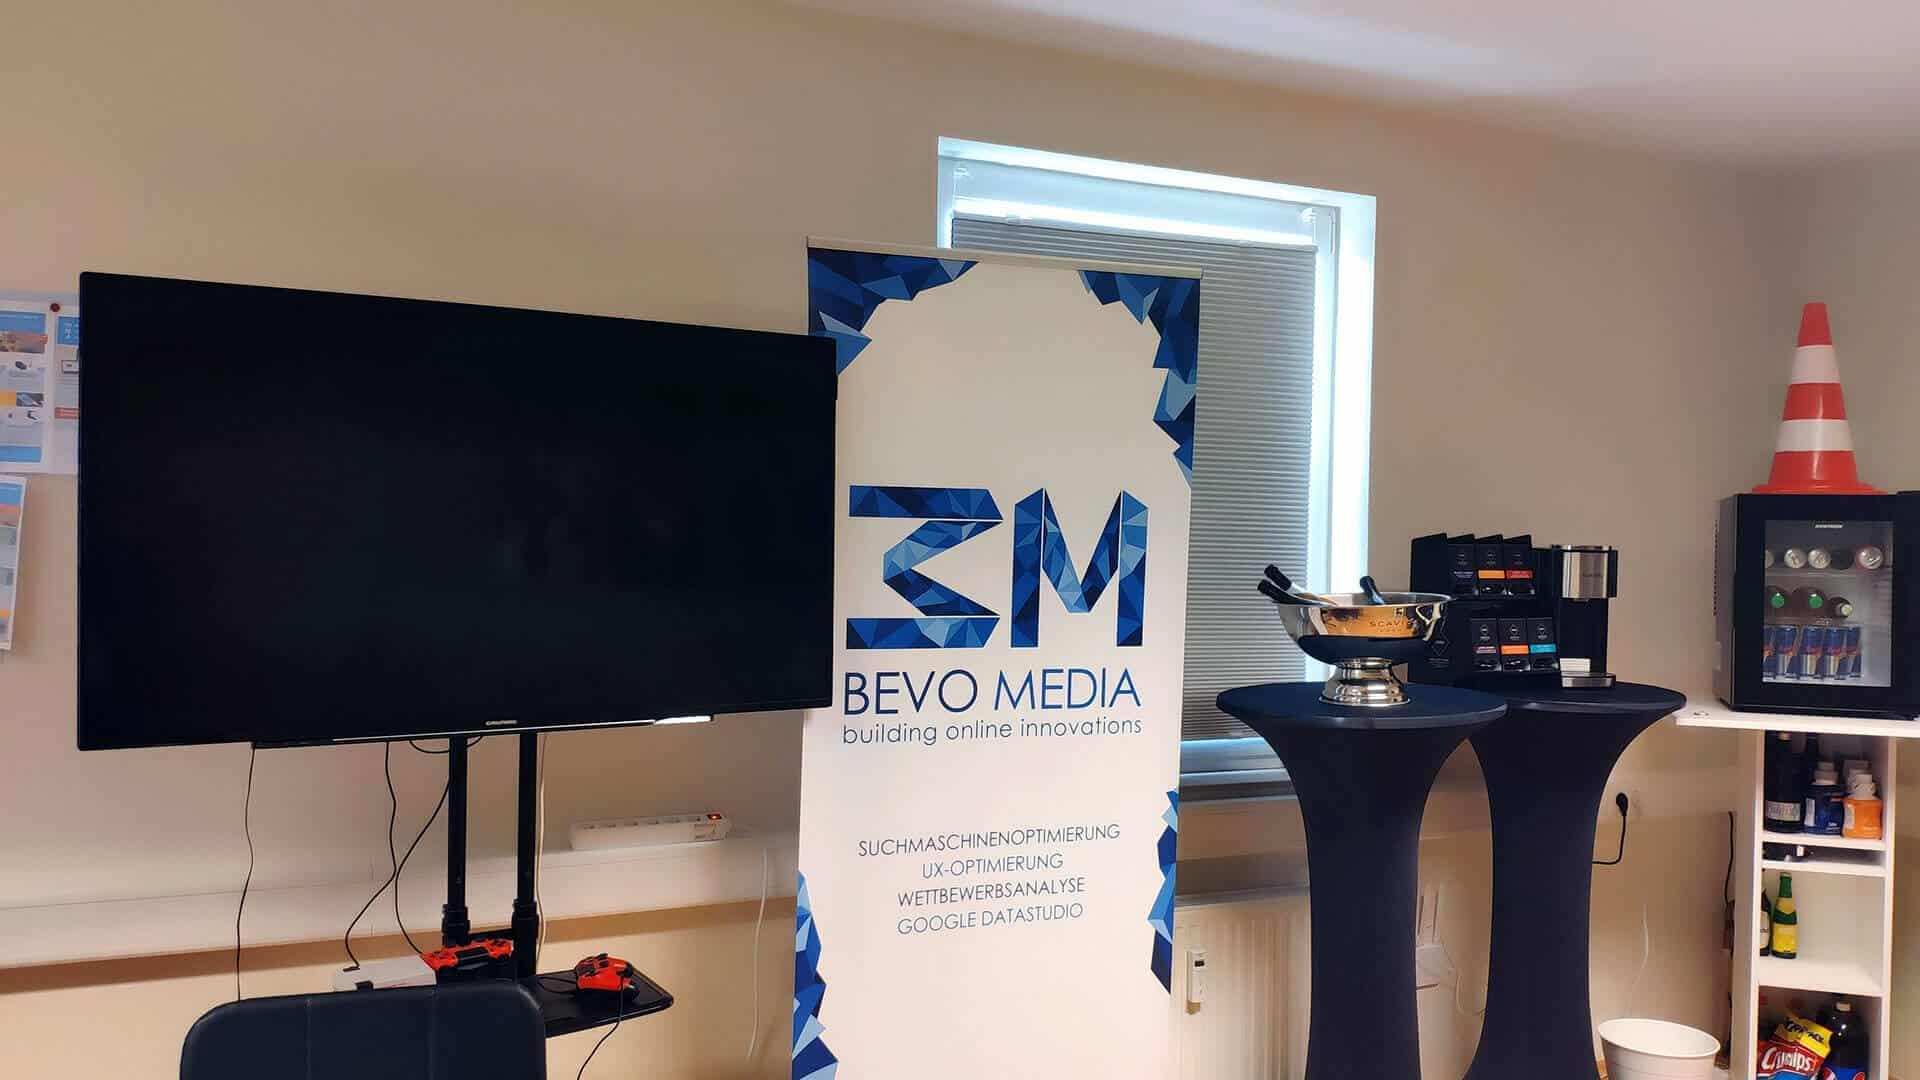 BEVO Media - Büro April 2019